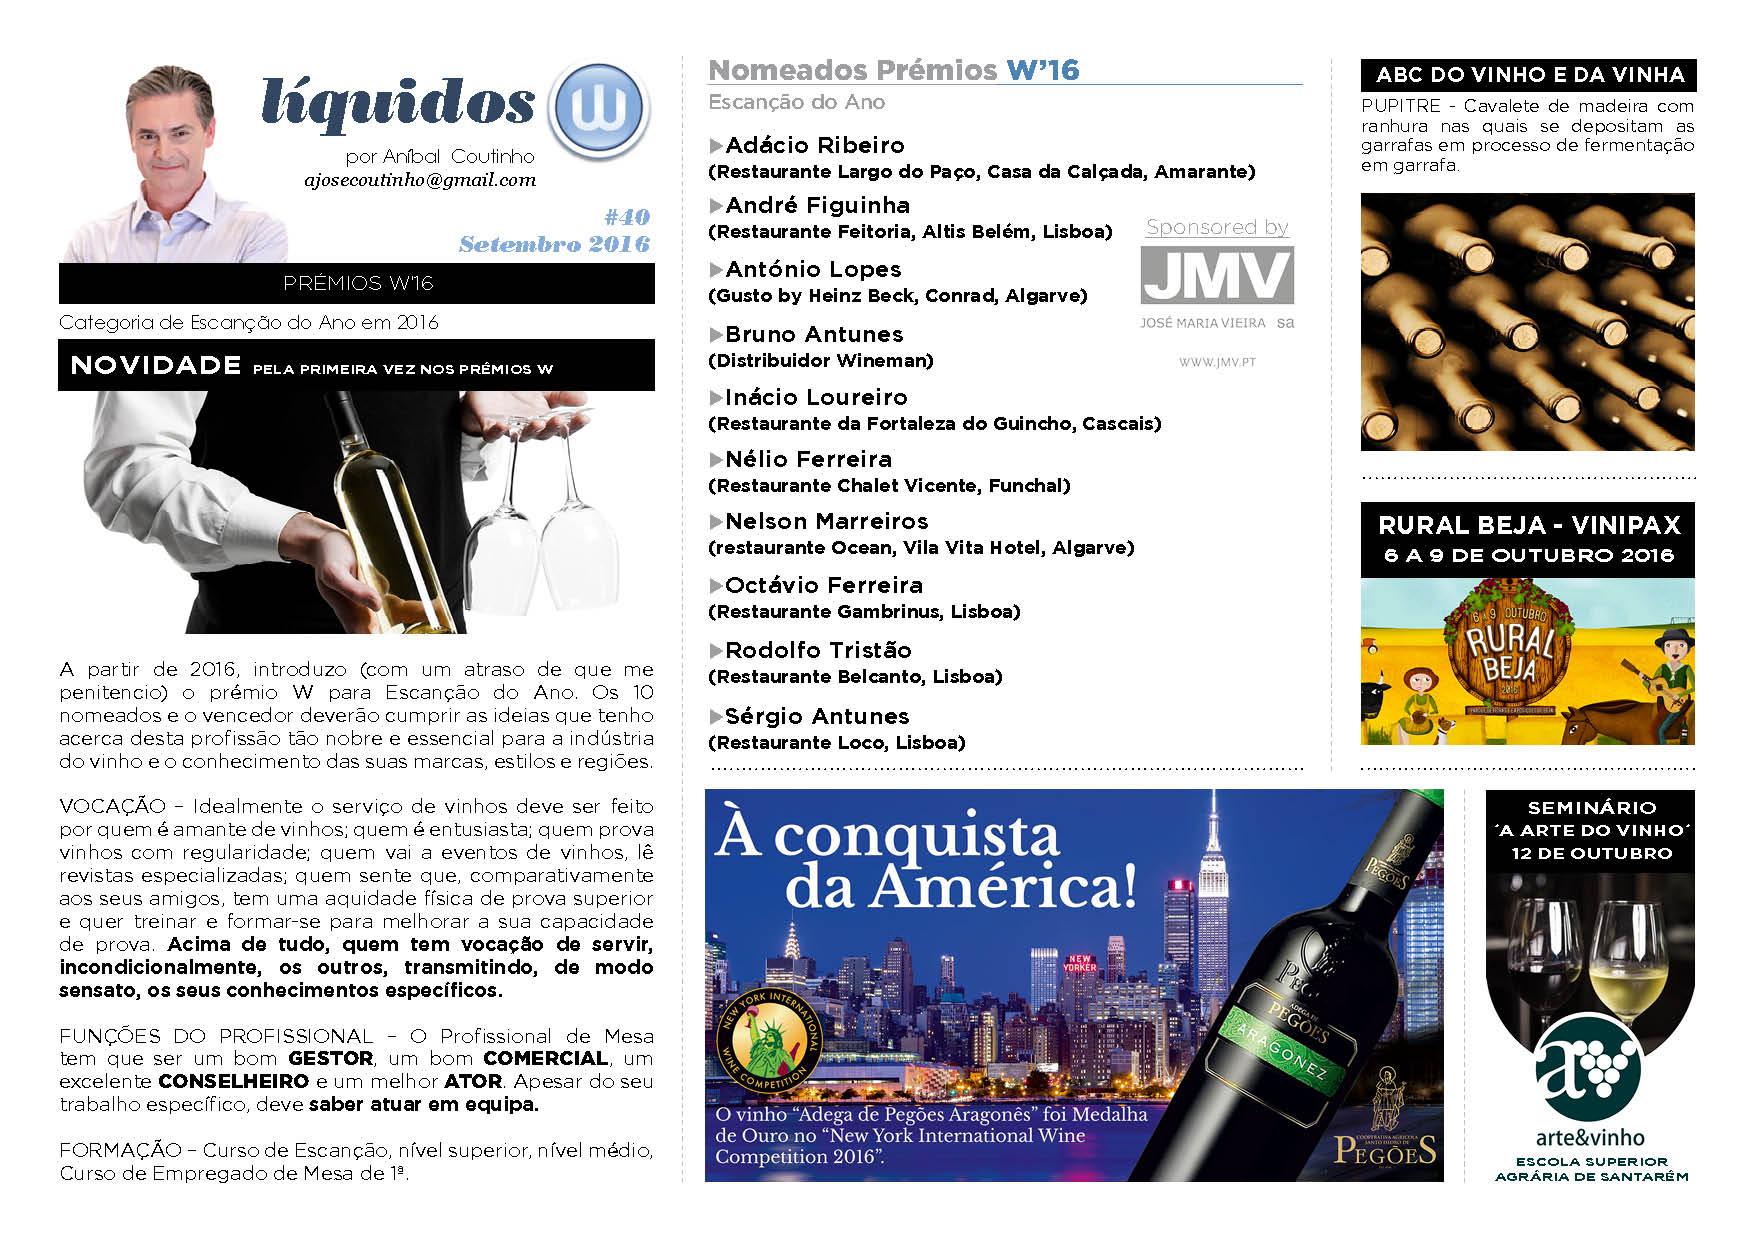 Newsletter #40